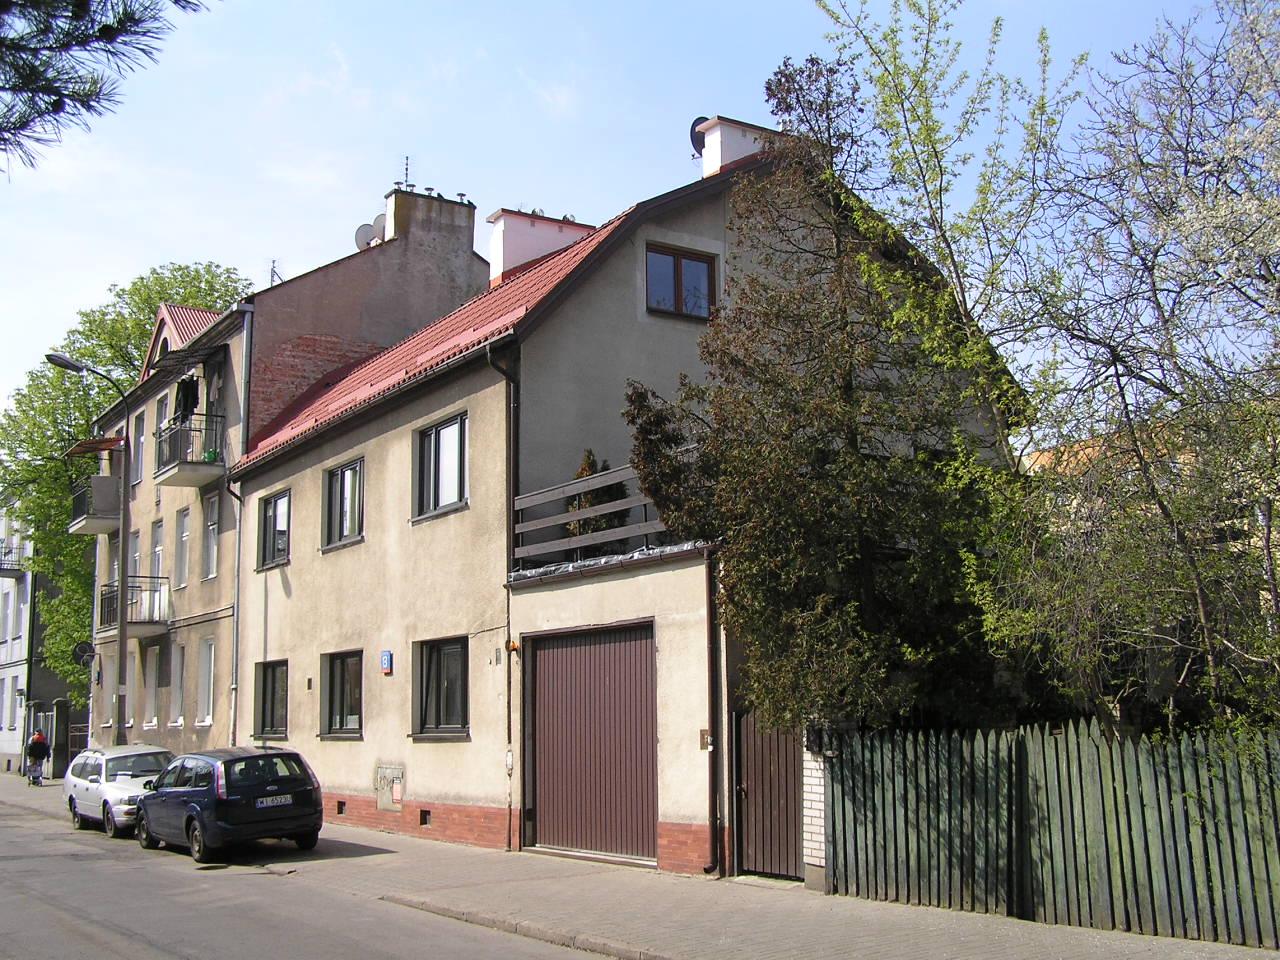 Dom przy ulicy Hetmańskiej 13 na Grochowie